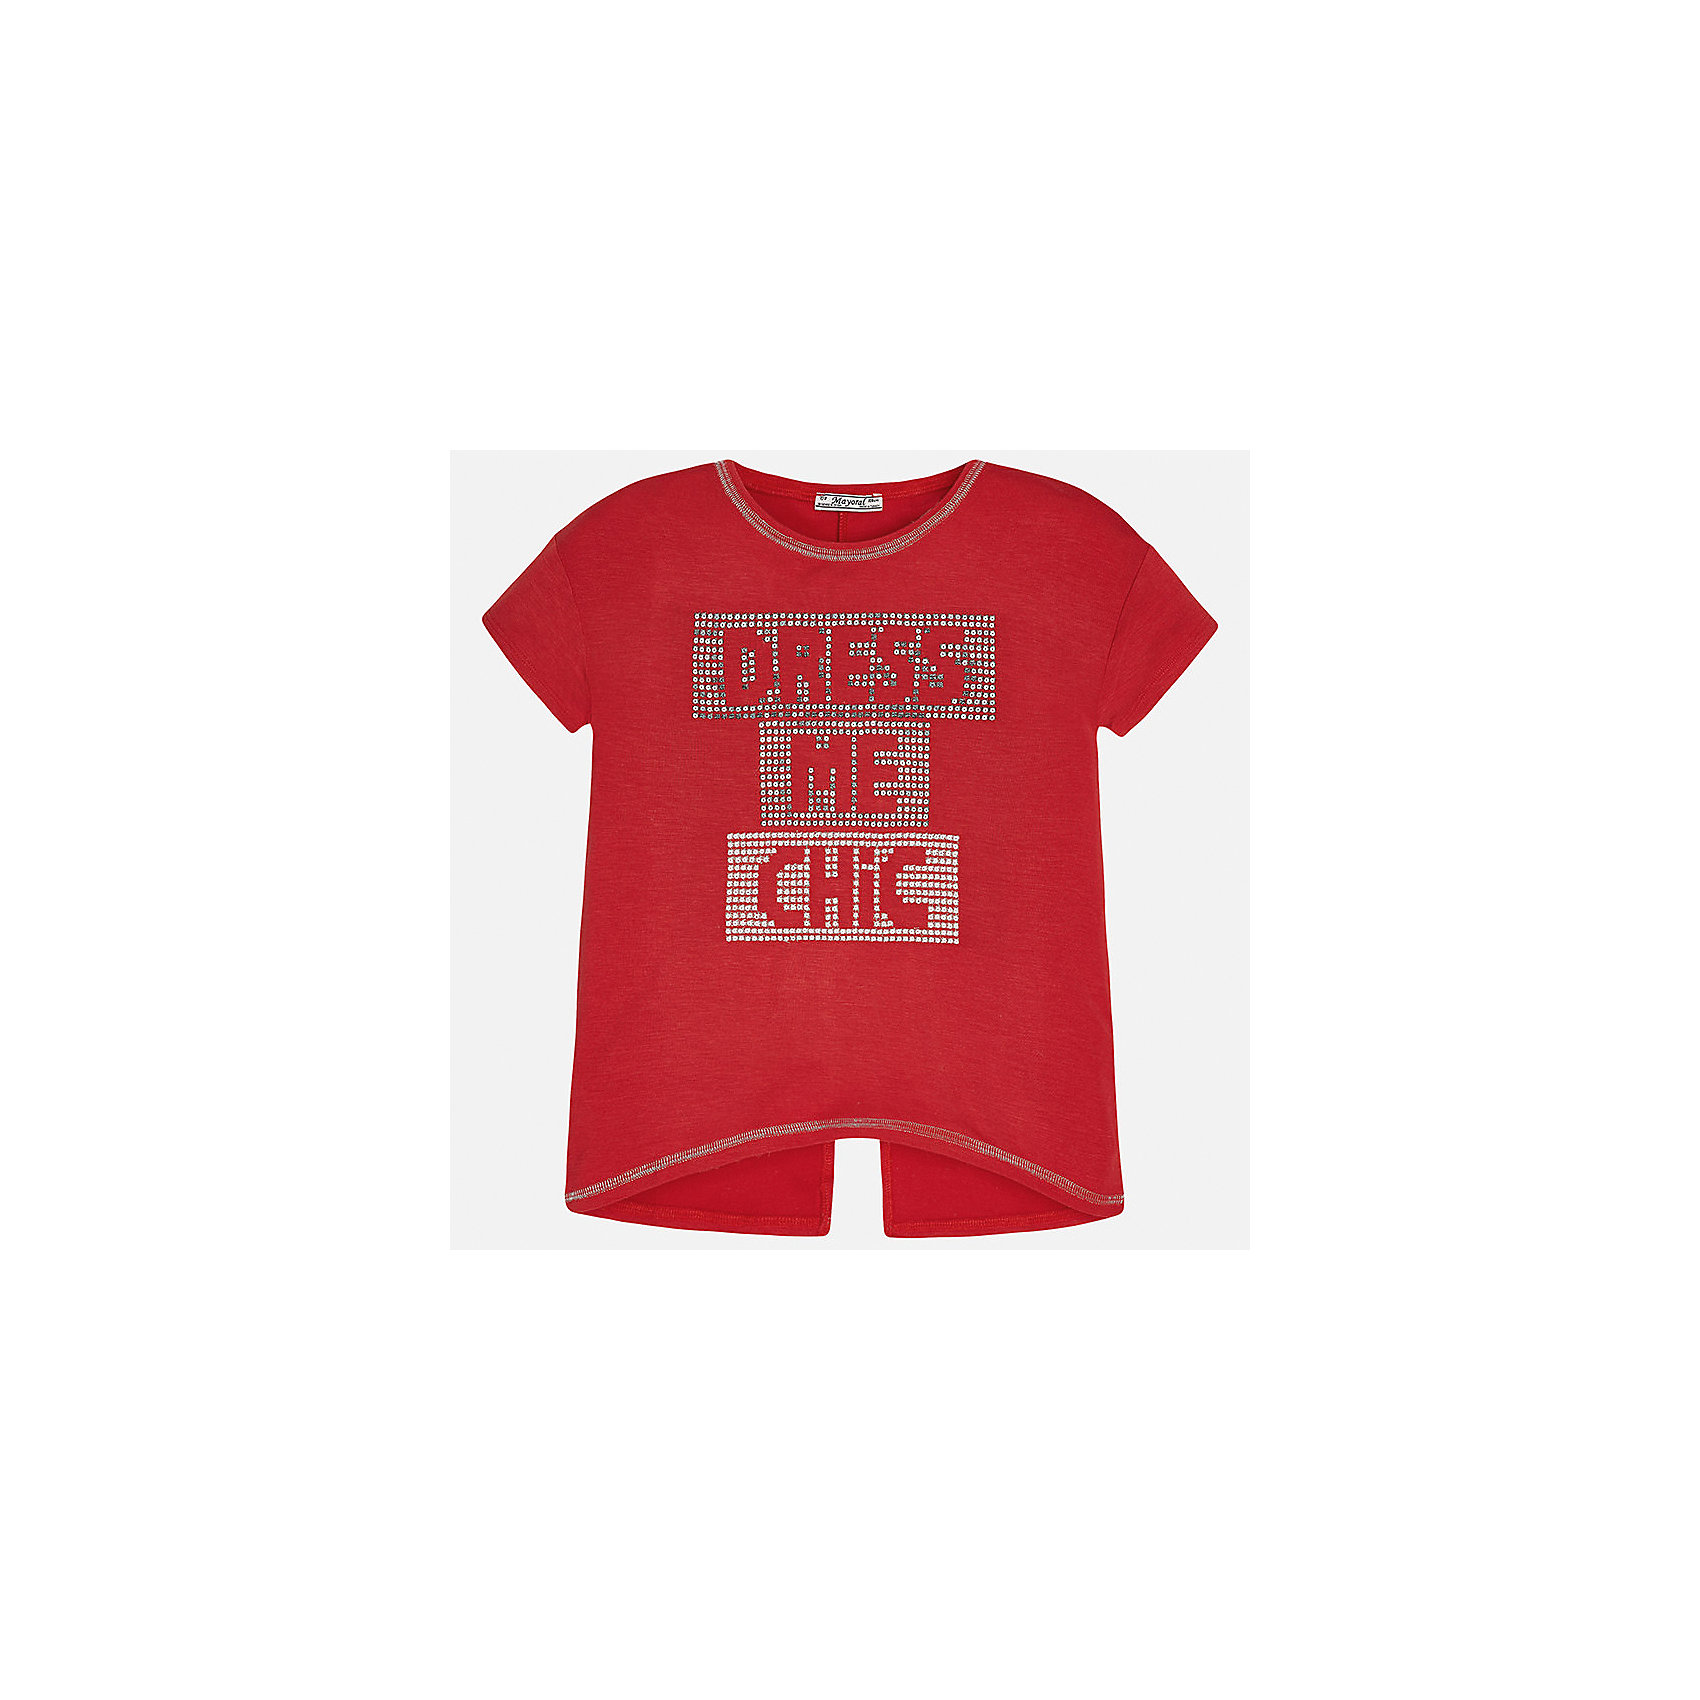 Футболка для девочки MayoralФутболки, поло и топы<br>Характеристики товара:<br><br>• цвет: красный<br>• состав: 95% вискоза, 5% эластан<br>• контрастная прострочка<br>• декорирована стразами<br>• короткие рукава<br>• разрез на спине<br>• страна бренда: Испания<br><br>Стильная оригинальная футболка для девочки поможет разнообразить гардероб ребенка и украсить наряд. Она отлично сочетается и с юбками, и с шортами, и с брюками. Универсальный цвет позволяет подобрать к вещи низ практически любой расцветки. Интересная отделка модели делает её нарядной и оригинальной. <br><br>Одежда, обувь и аксессуары от испанского бренда Mayoral полюбились детям и взрослым по всему миру. Модели этой марки - стильные и удобные. Для их производства используются только безопасные, качественные материалы и фурнитура. Порадуйте ребенка модными и красивыми вещами от Mayoral! <br><br>Футболку для девочки от испанского бренда Mayoral (Майорал) можно купить в нашем интернет-магазине.<br><br>Ширина мм: 199<br>Глубина мм: 10<br>Высота мм: 161<br>Вес г: 151<br>Цвет: красный<br>Возраст от месяцев: 168<br>Возраст до месяцев: 180<br>Пол: Женский<br>Возраст: Детский<br>Размер: 170,128/134,140,152,158,164<br>SKU: 5300772